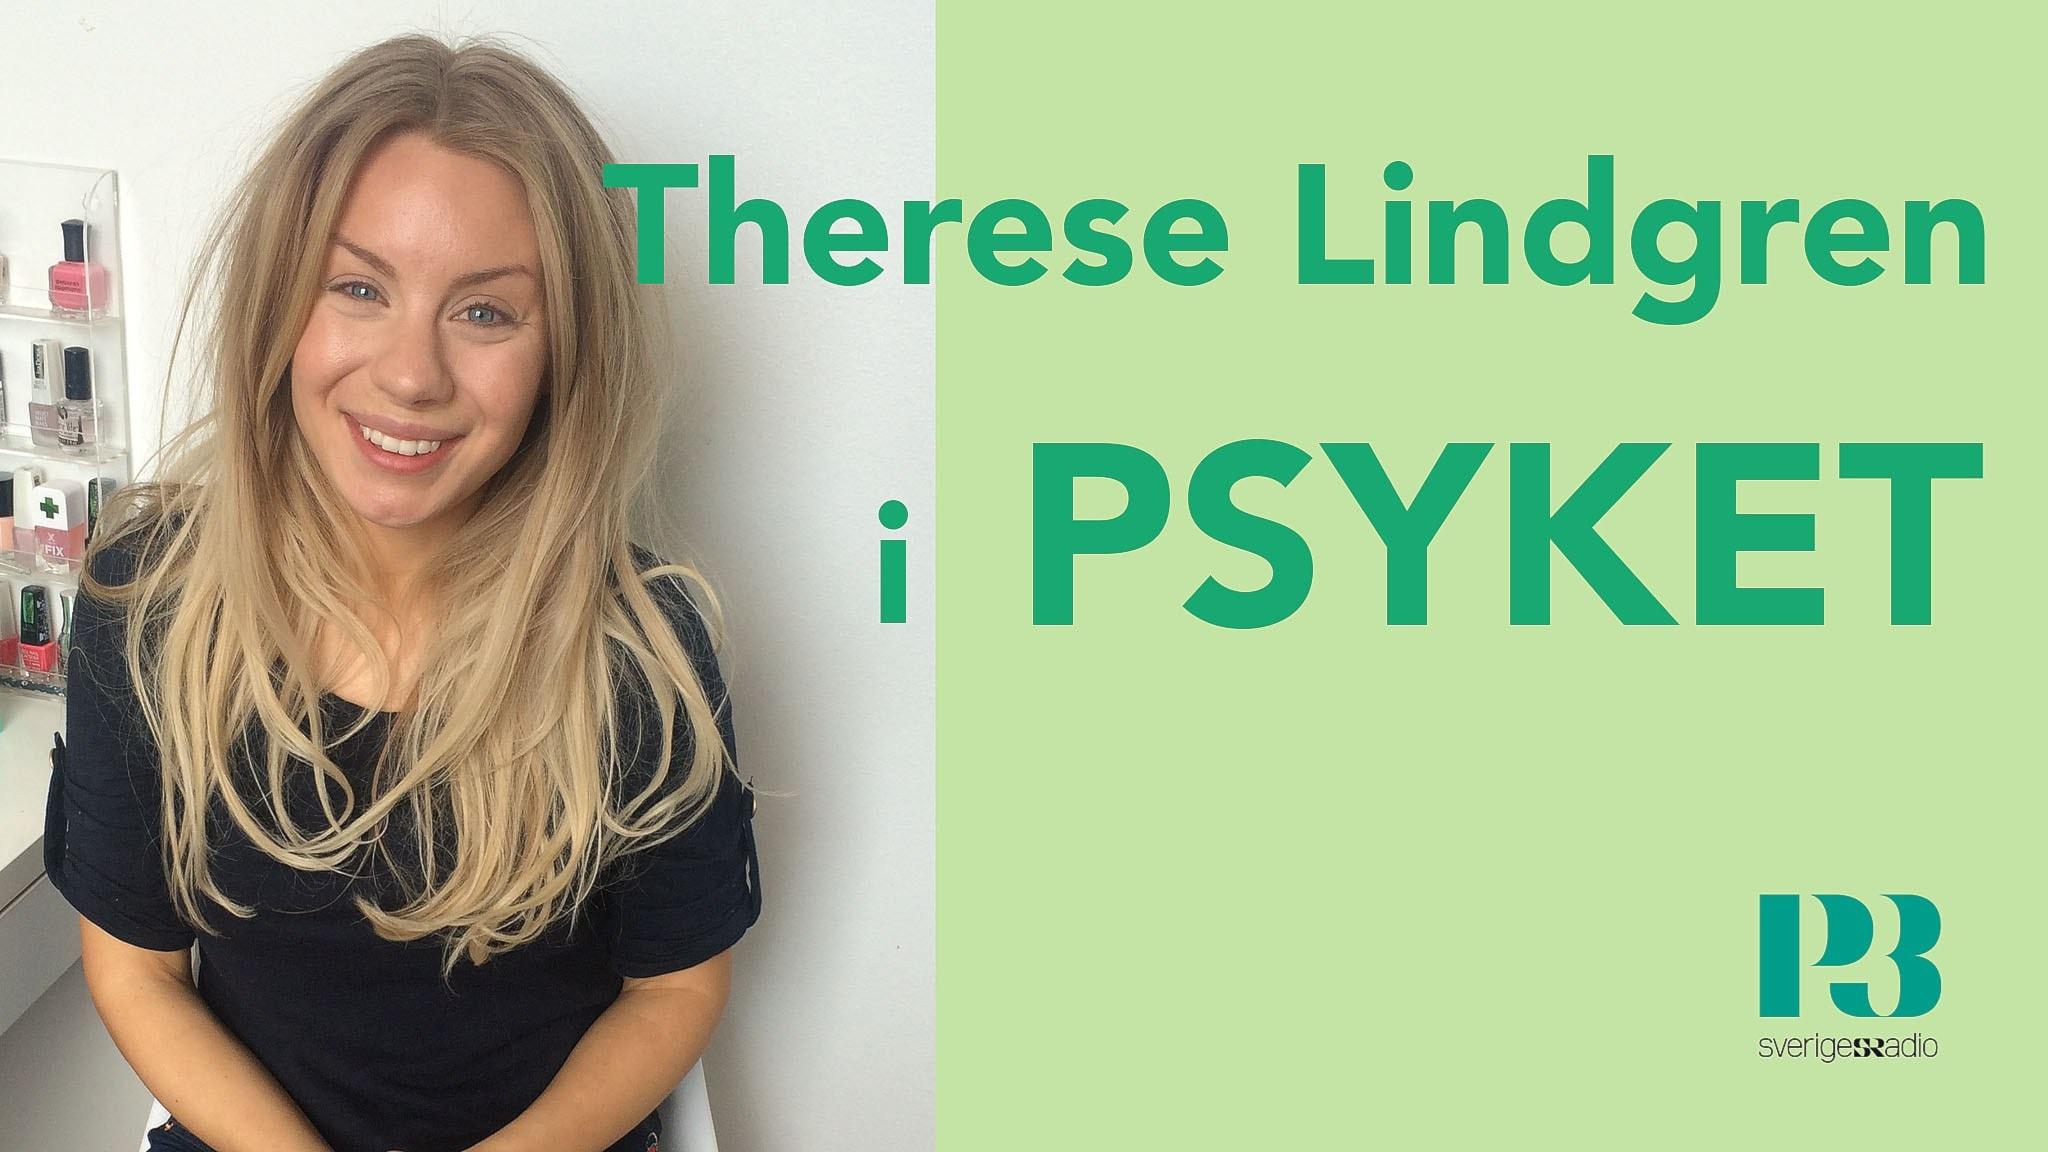 Therese Lindgren: Jag tvingar mig själv att gå utanför lägenheten